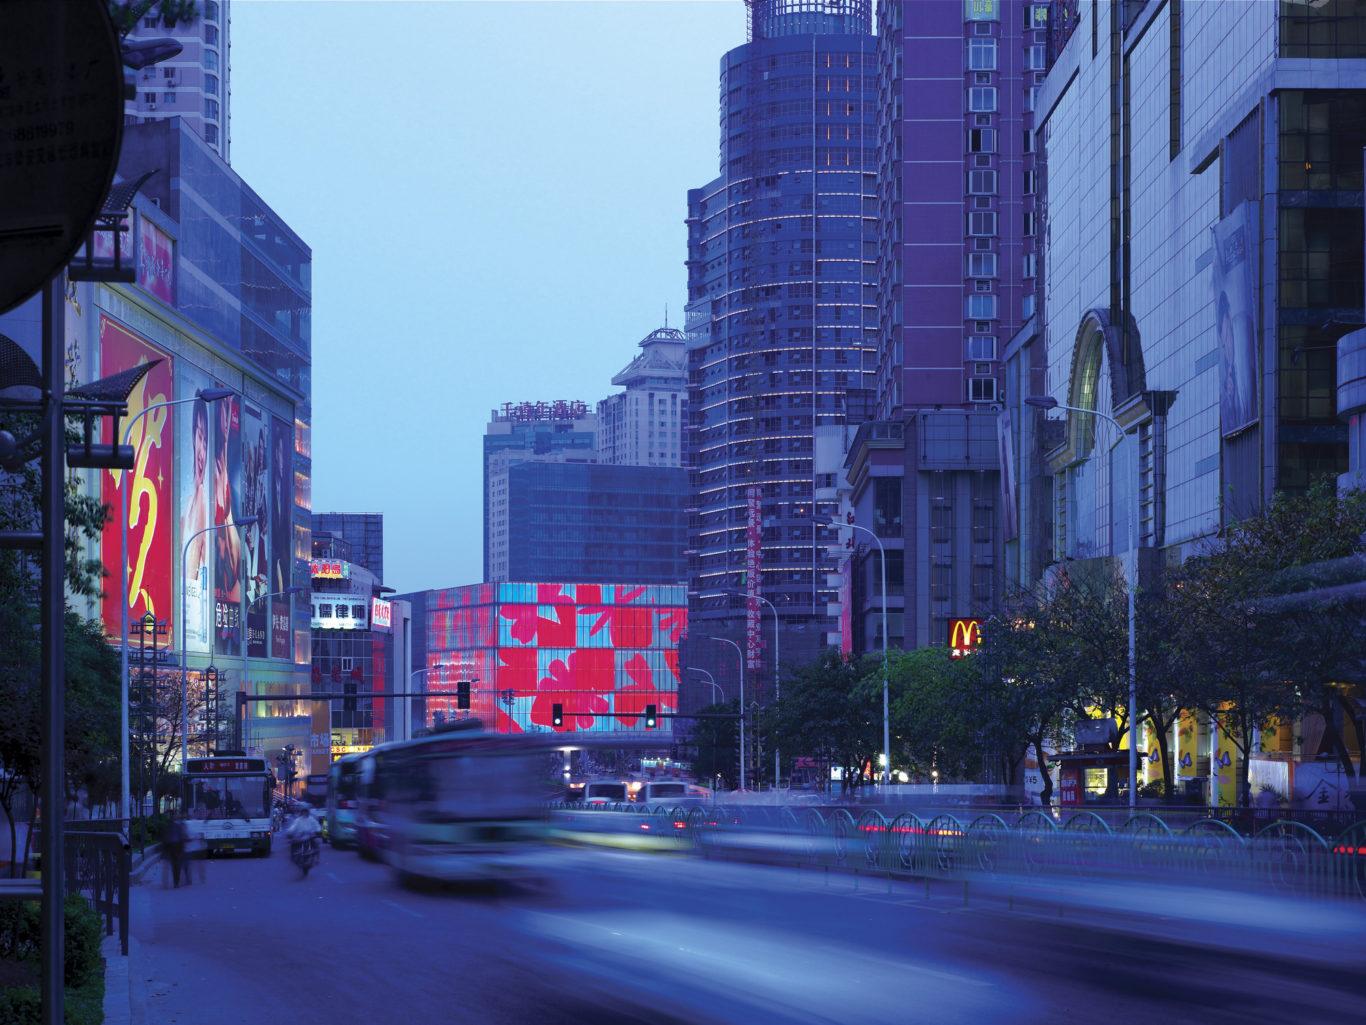 Slide 1 of 1, Jianianhua Center, Chongqing